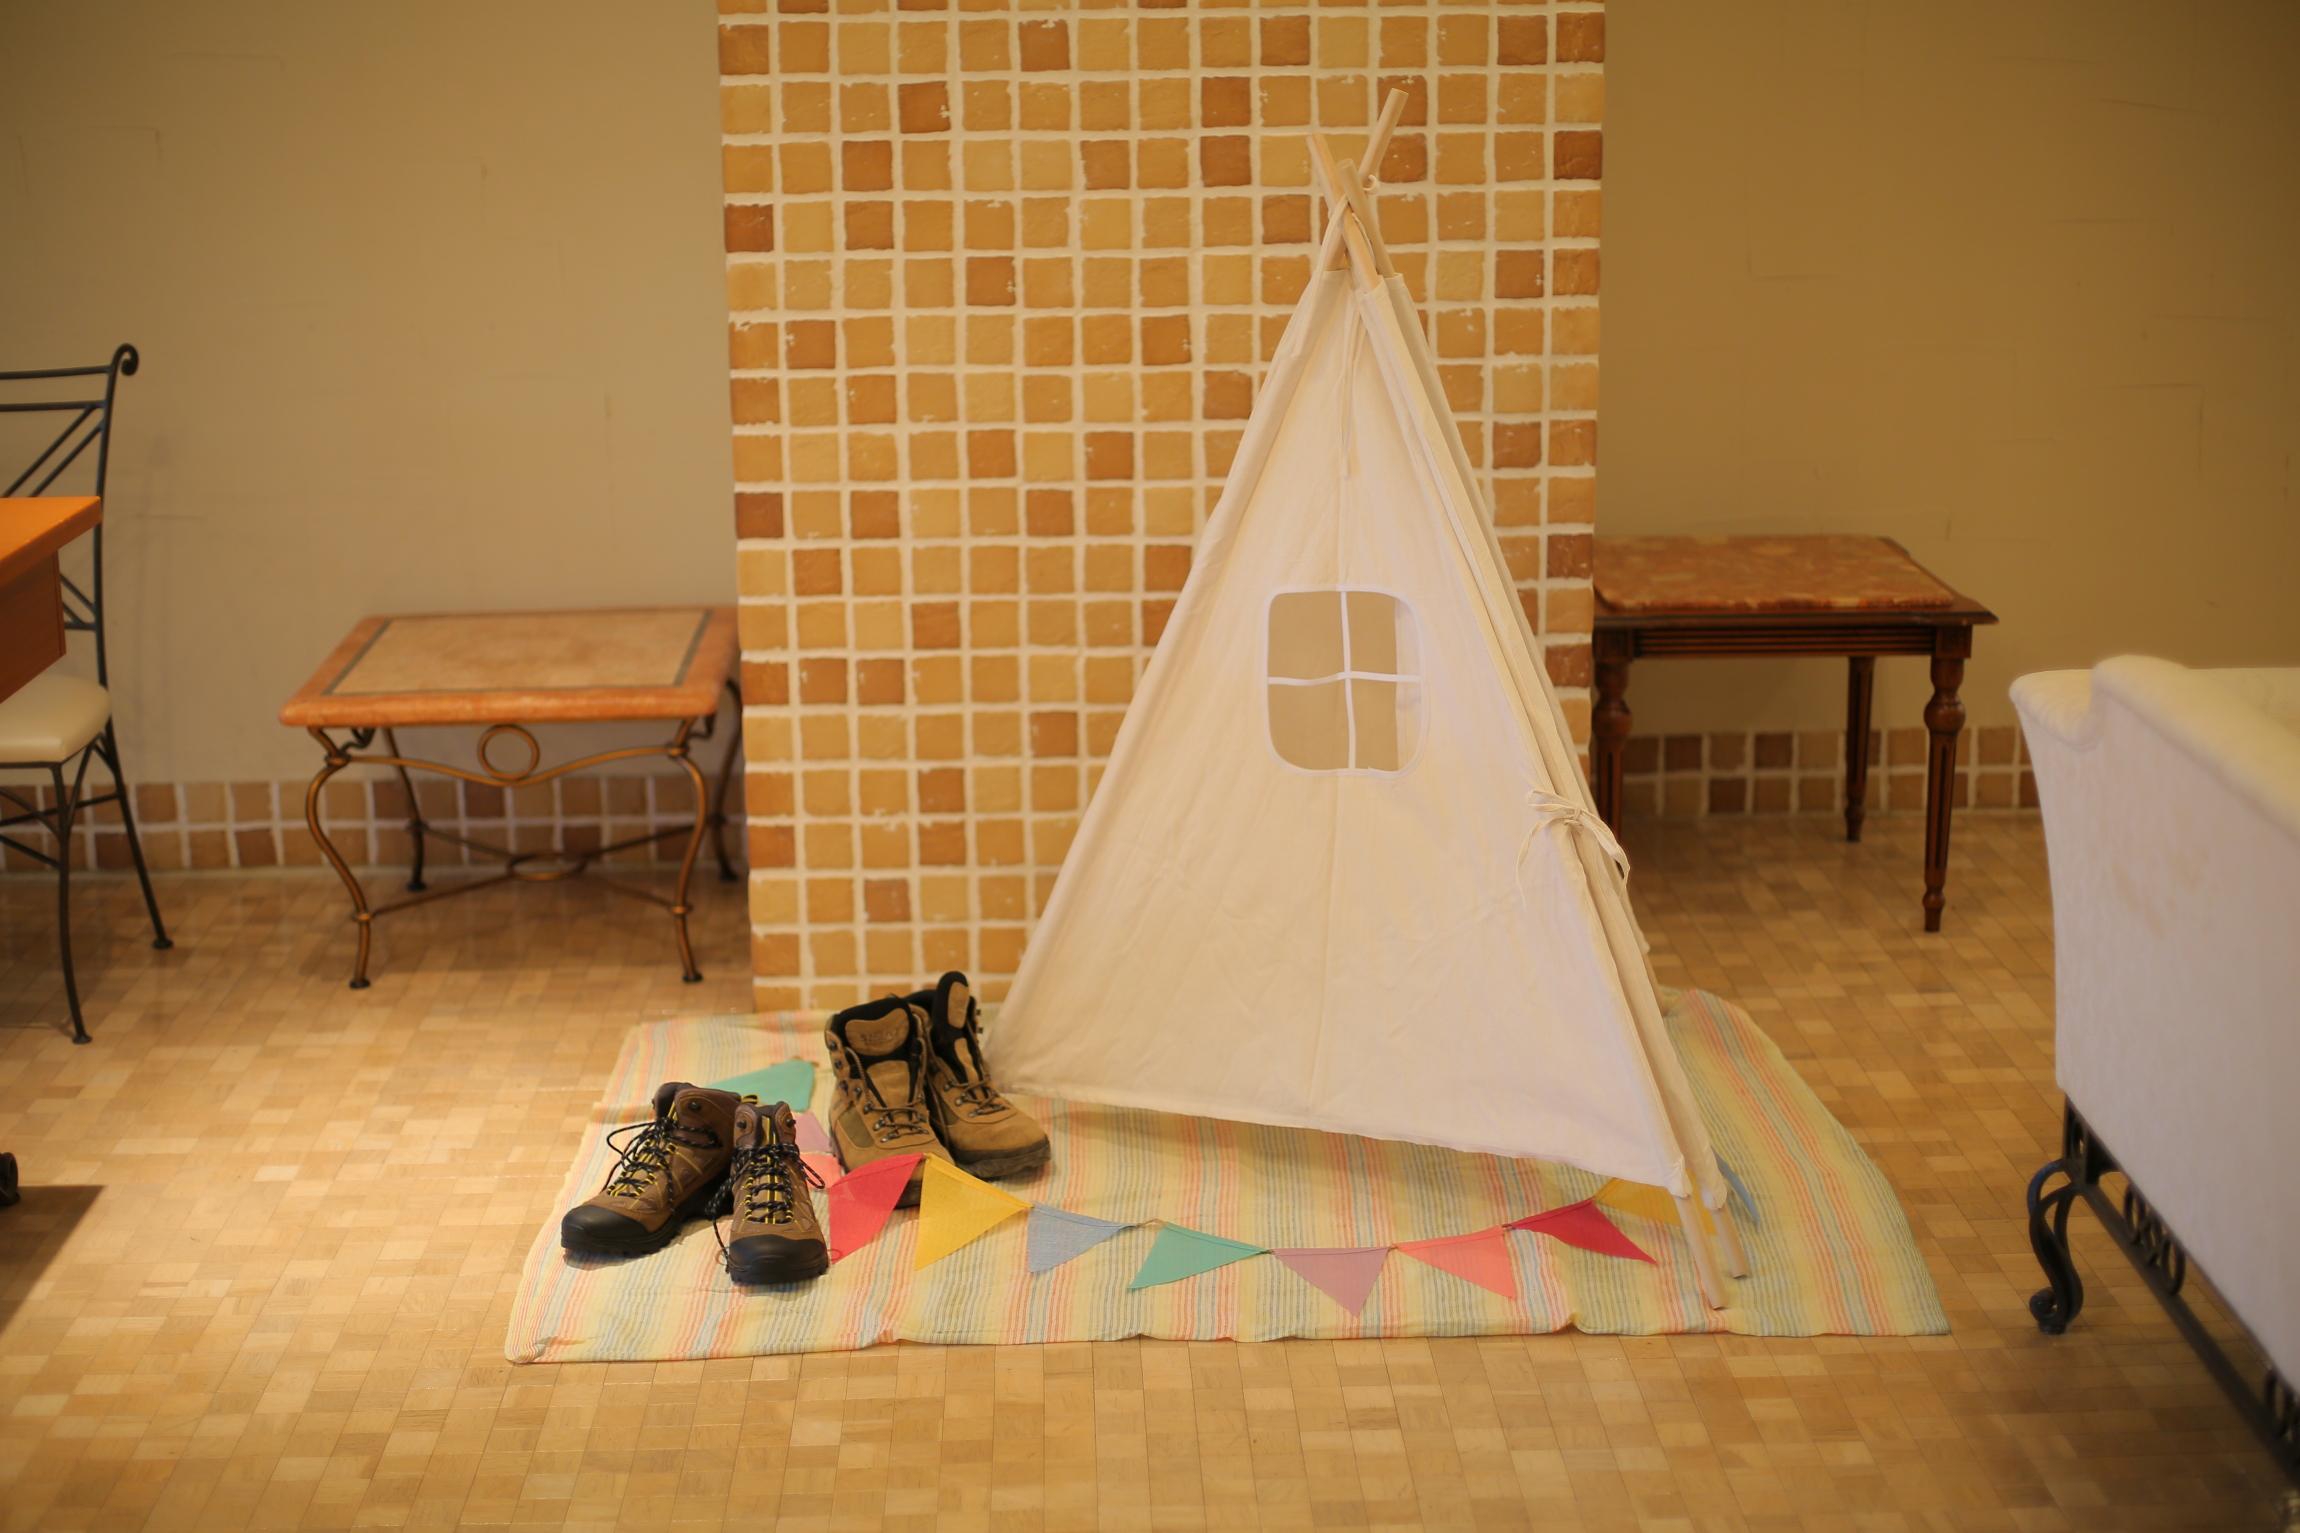 ゲストルームにテントを飾ればフェスの雰囲気に♪